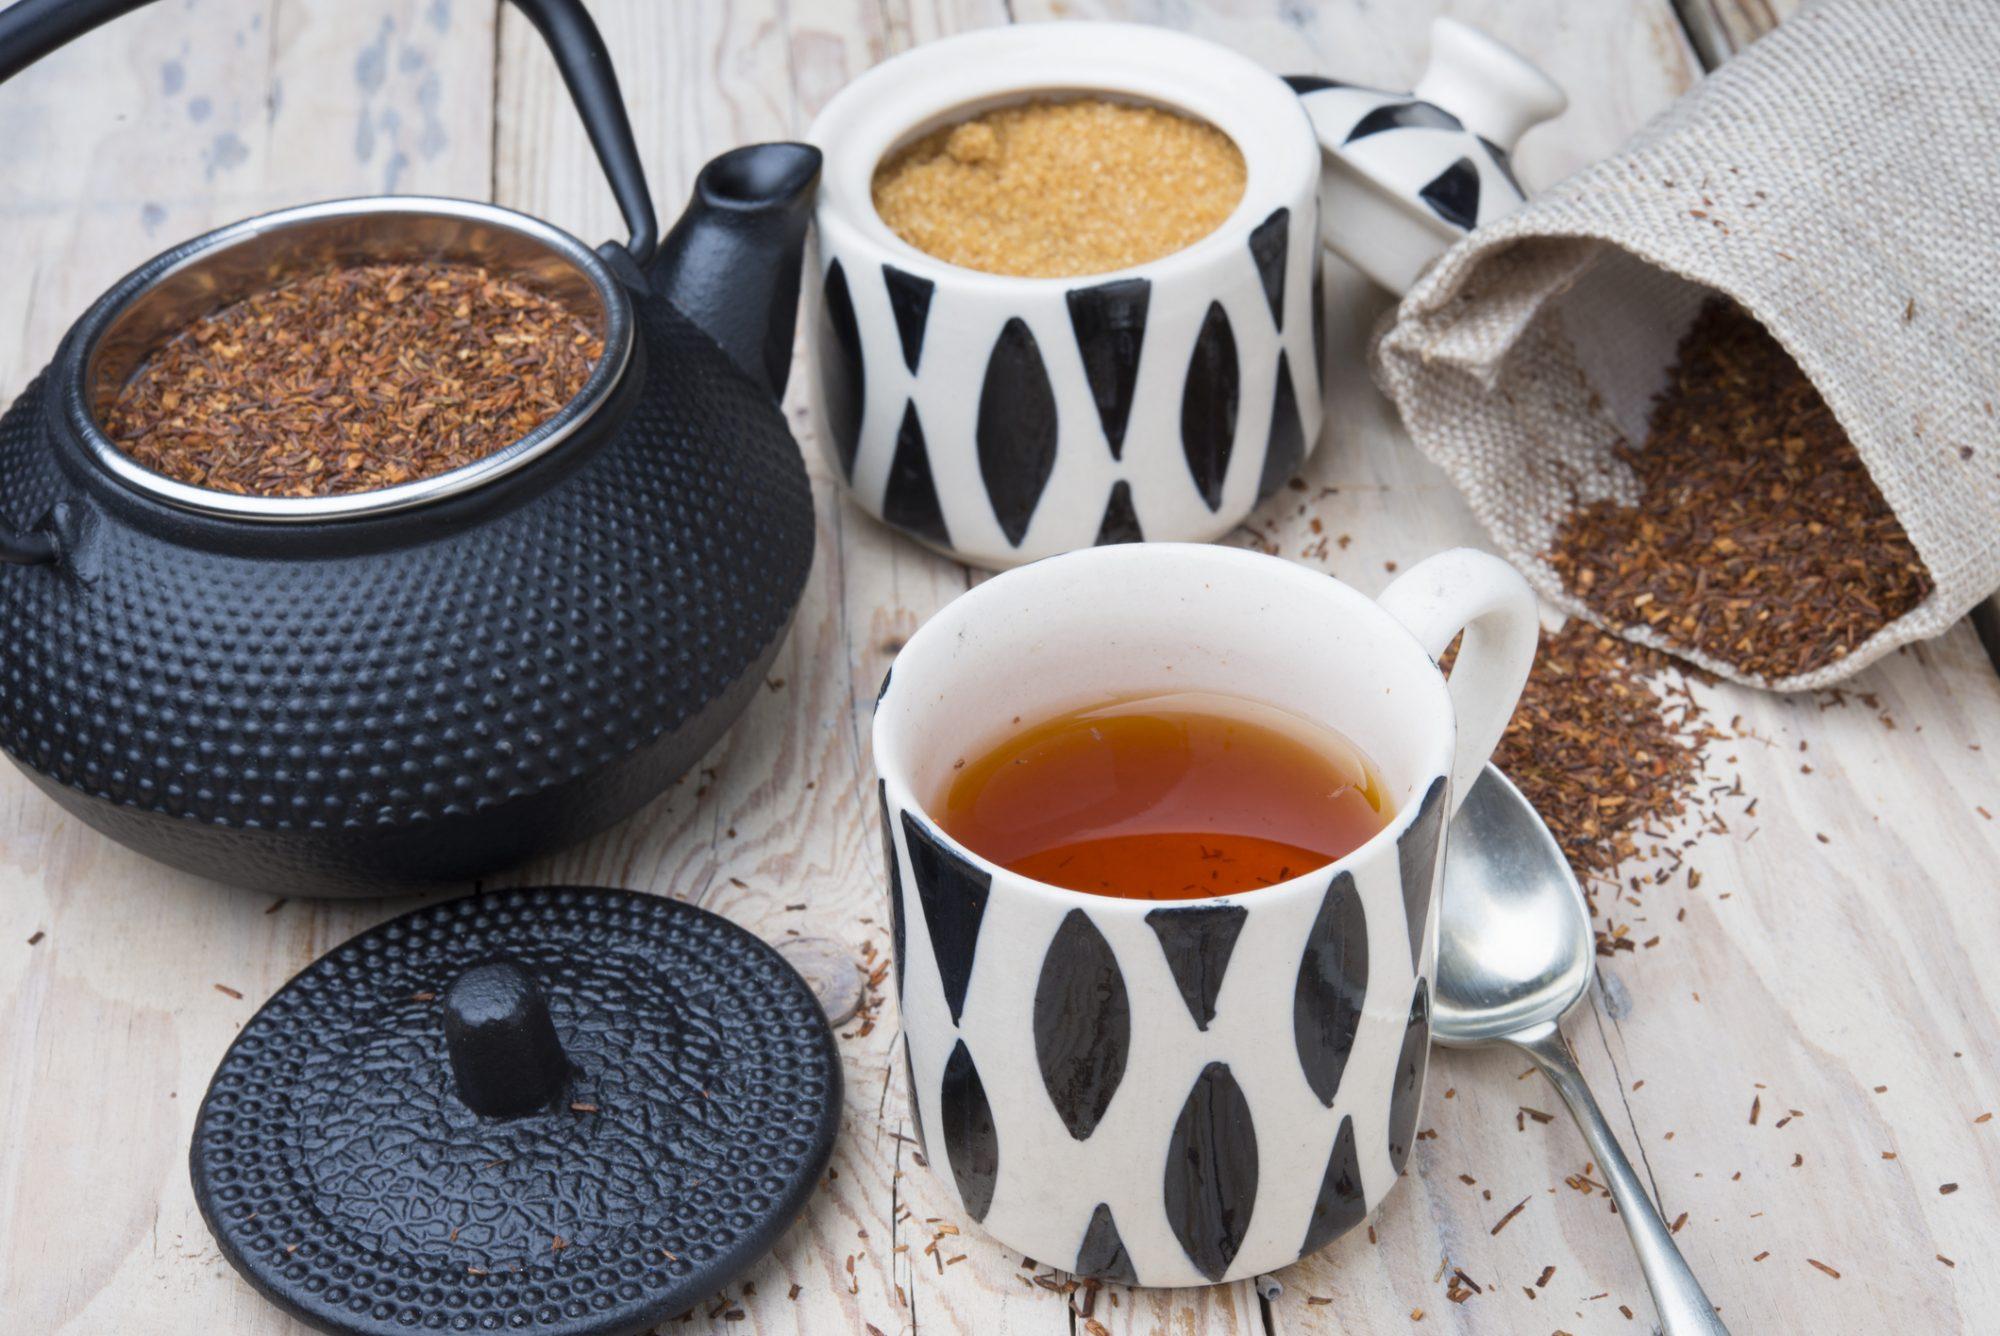 rooibos-tea-cup